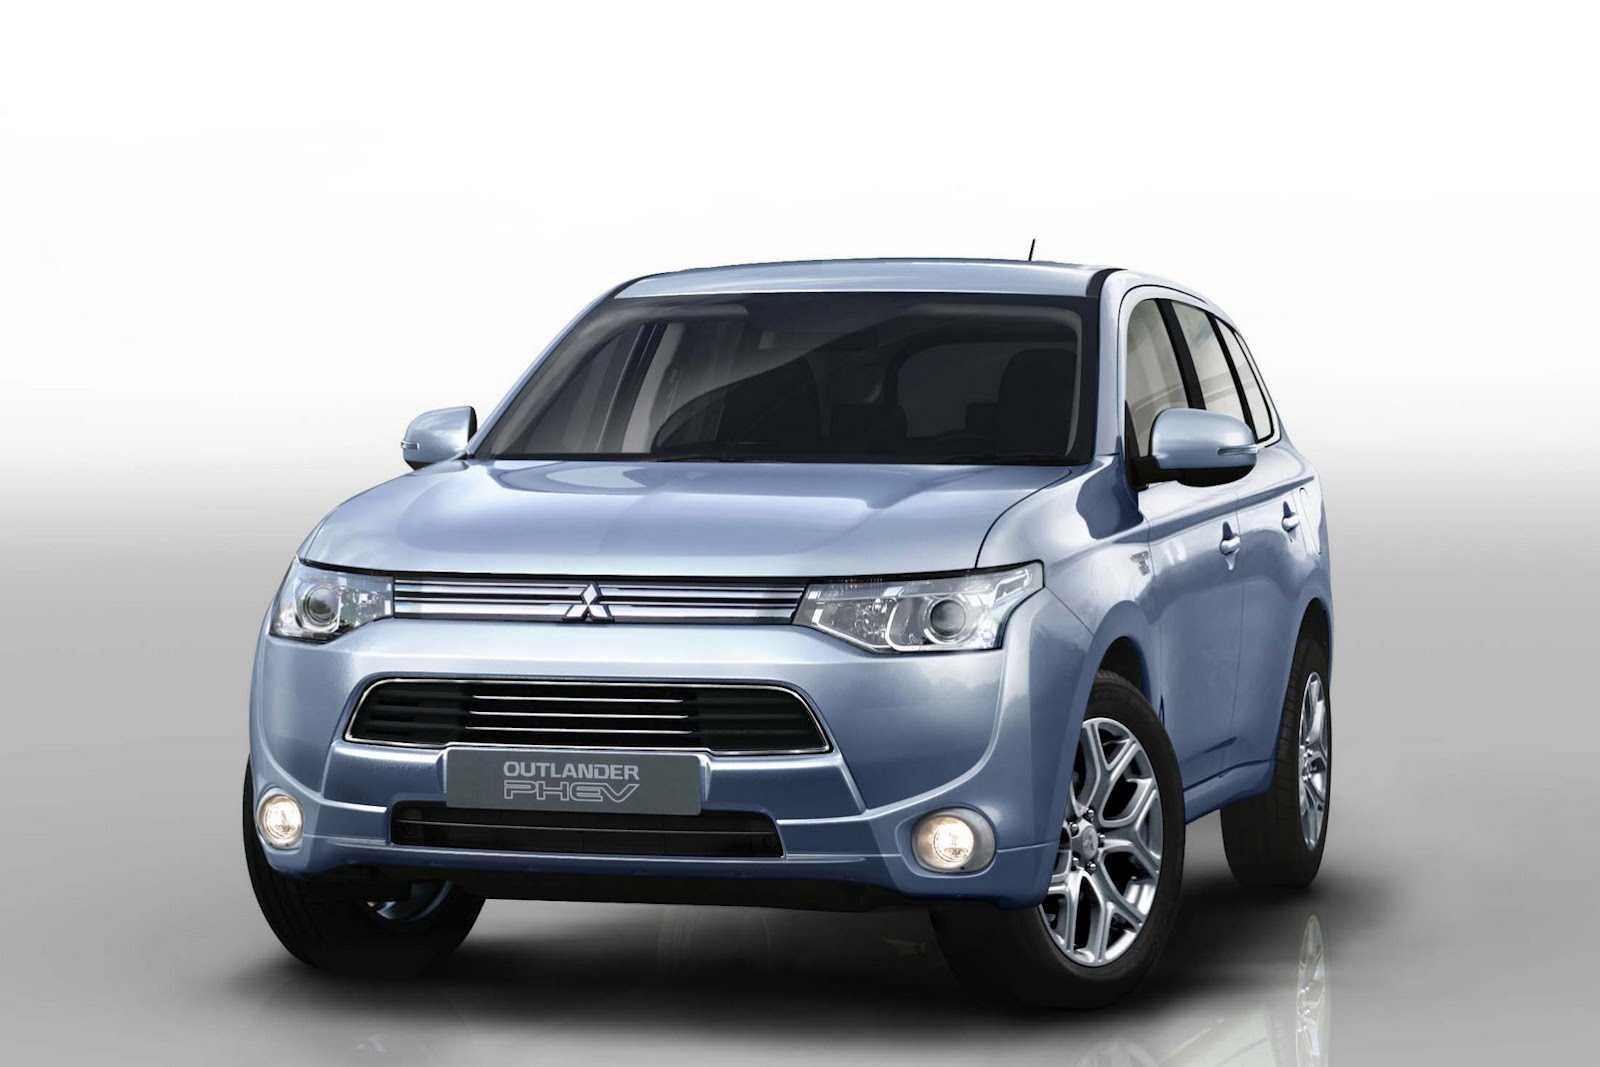 Mitsubishi Outlander PHEV To Debut In Paris High Resolution Wallpaper Free